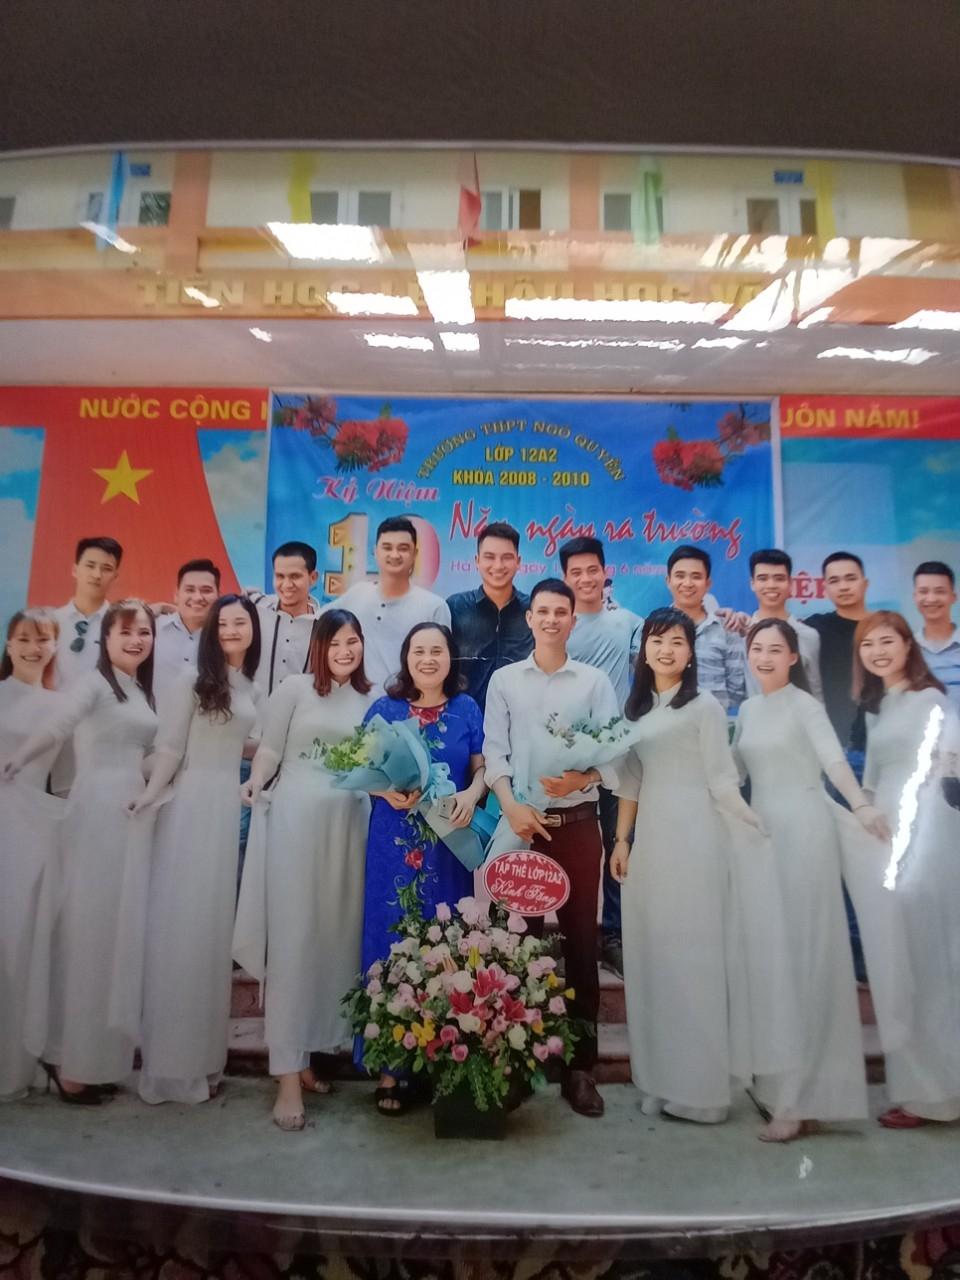 Cô giáo Trần Thị Tiểu gặp lại cậu học sinh cũ Nguyễn Ngọc Mạnh (bên trên, thứ 3 từ trái sang) vào năm 2020